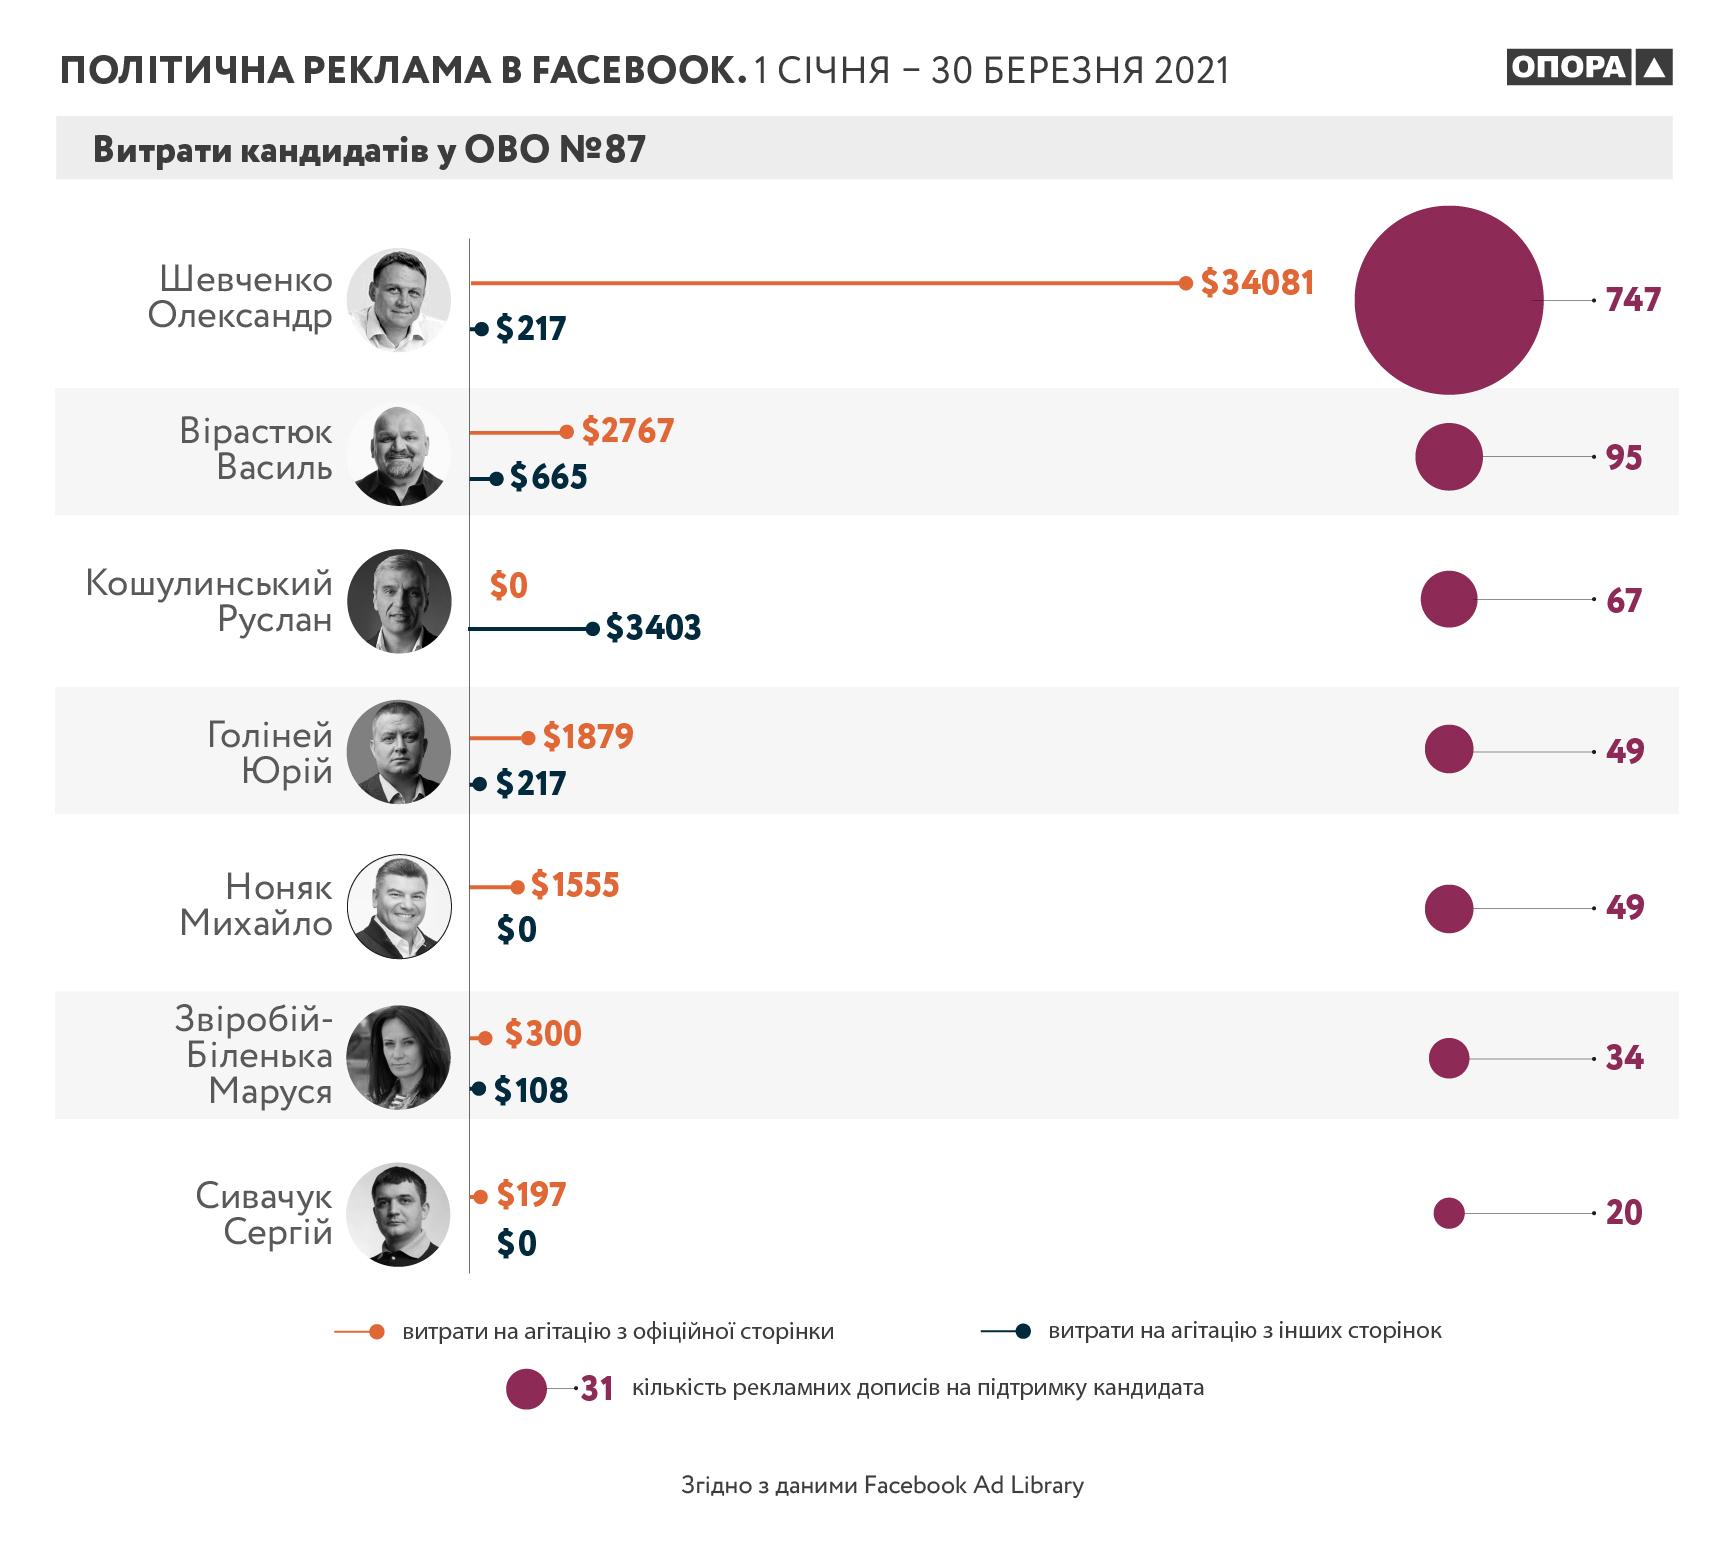 Скільки витратили кандидати на Facebook-реклами у 87-му окрузі 1